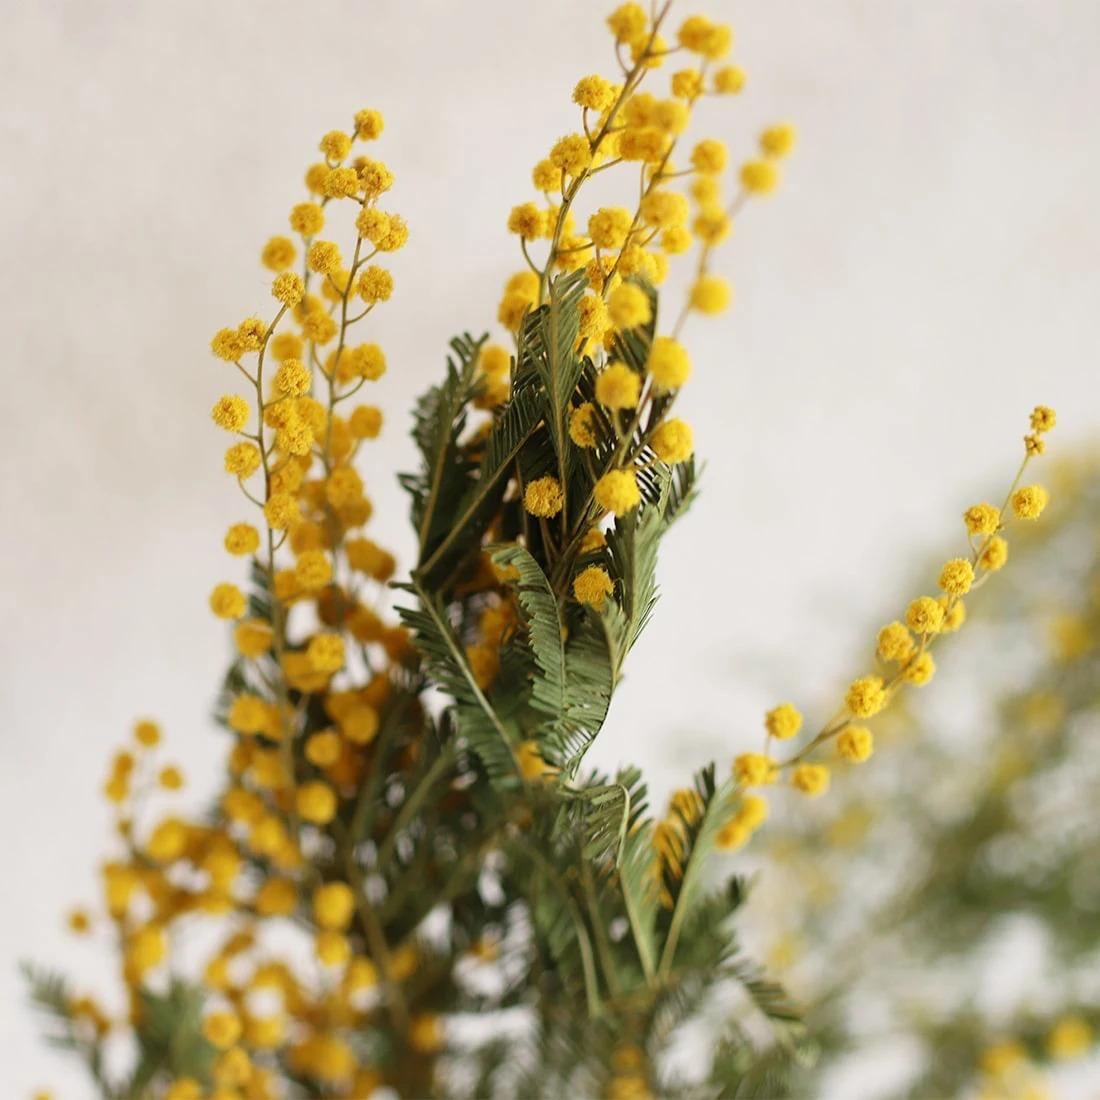 お花の色はオレンジ色に近く、香りが高いことで知られています。ヨーロッパでは香水の原料とされることもあるんだとか。